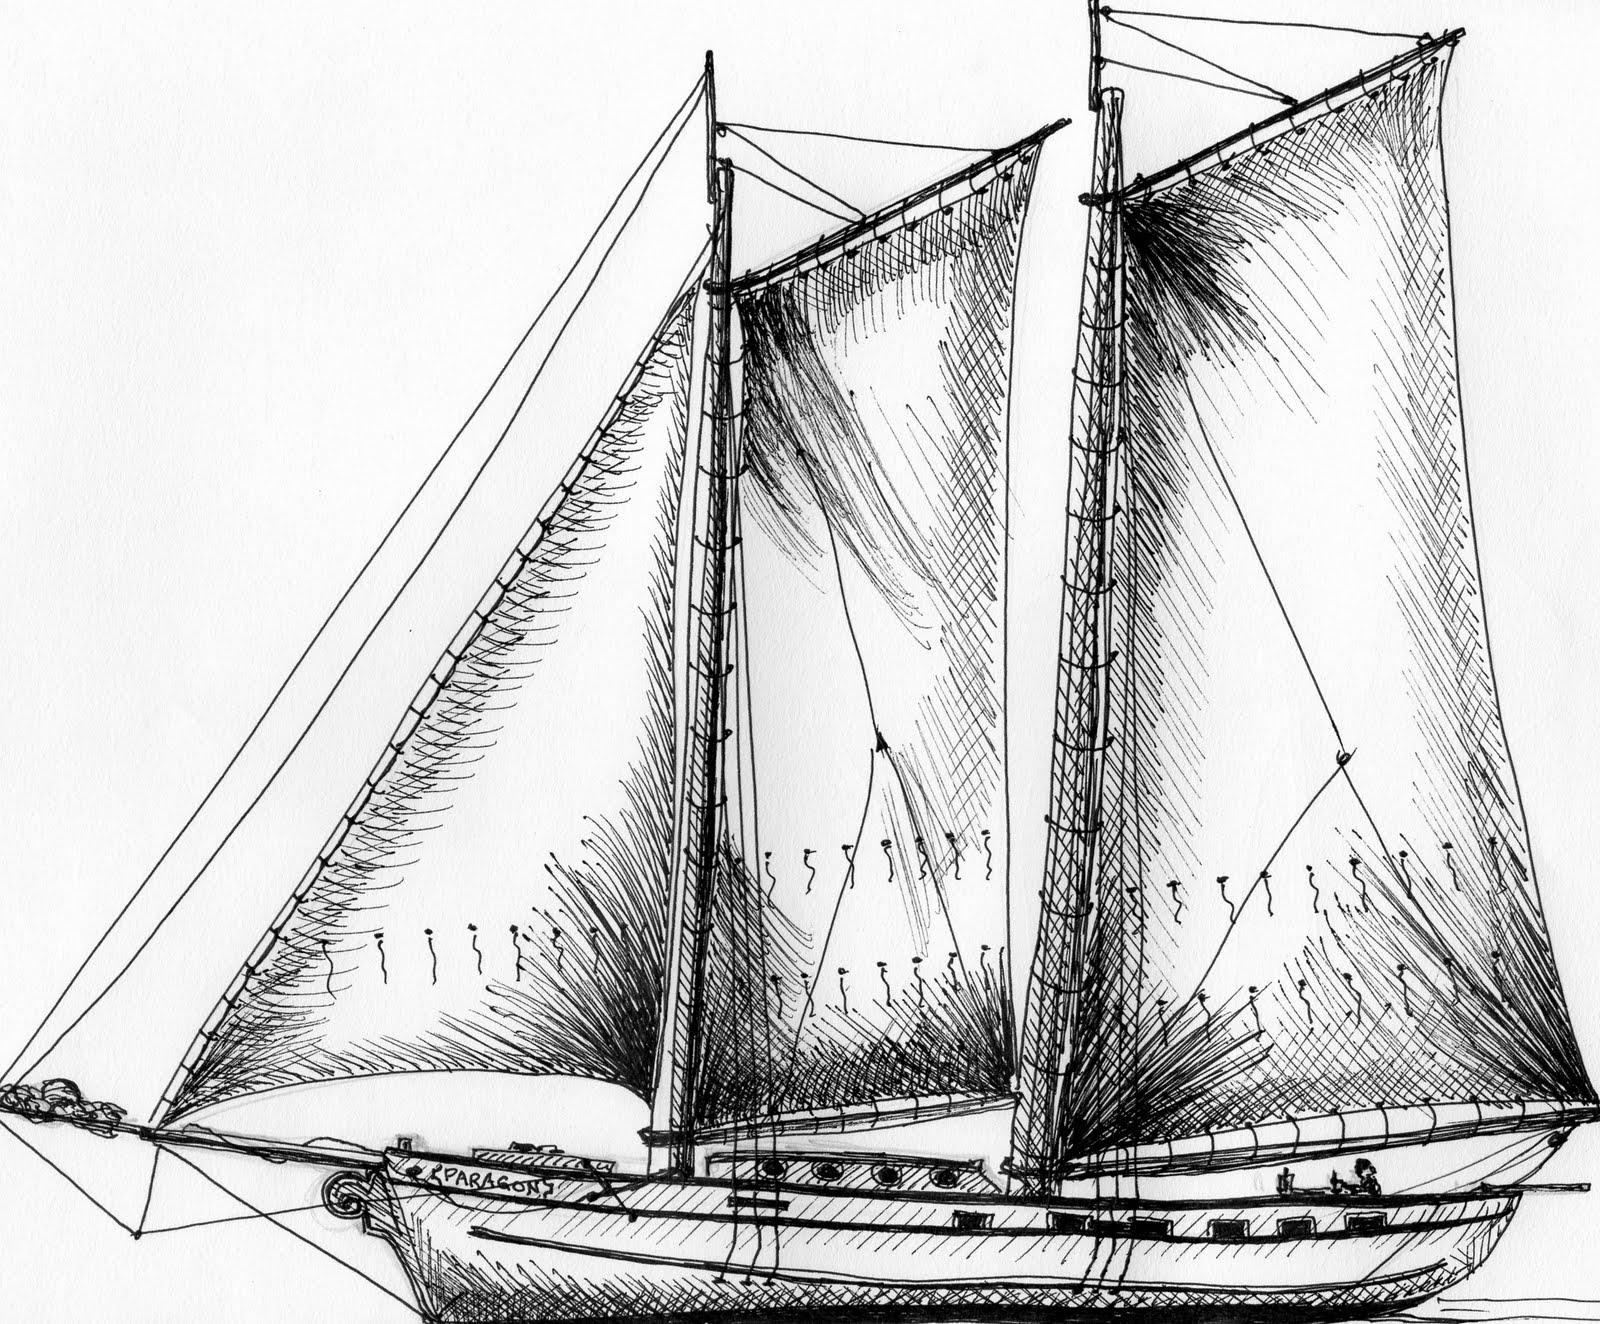 ocracoke island journal  boat building project